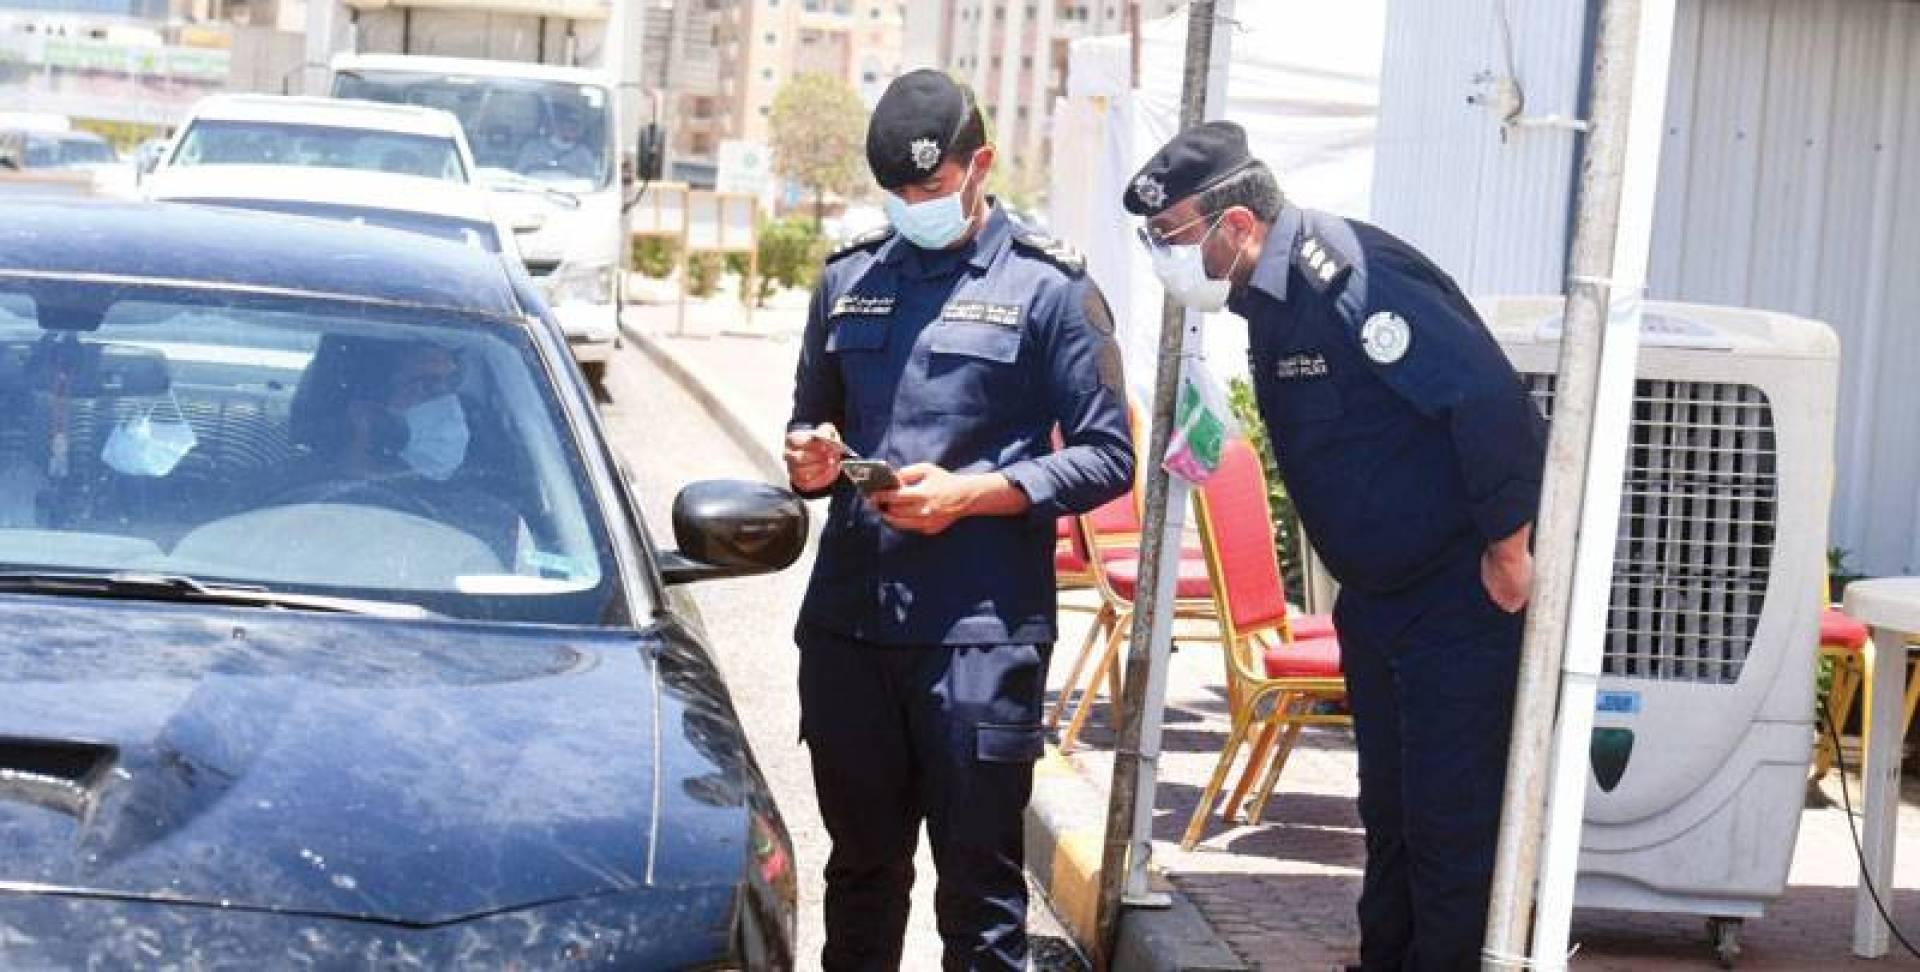 النقيب صلاح الظفيري ورجل الأمن خالد فيصل العنزي خلال التدقيق على التصاريح (تصوير: حسني هلال)